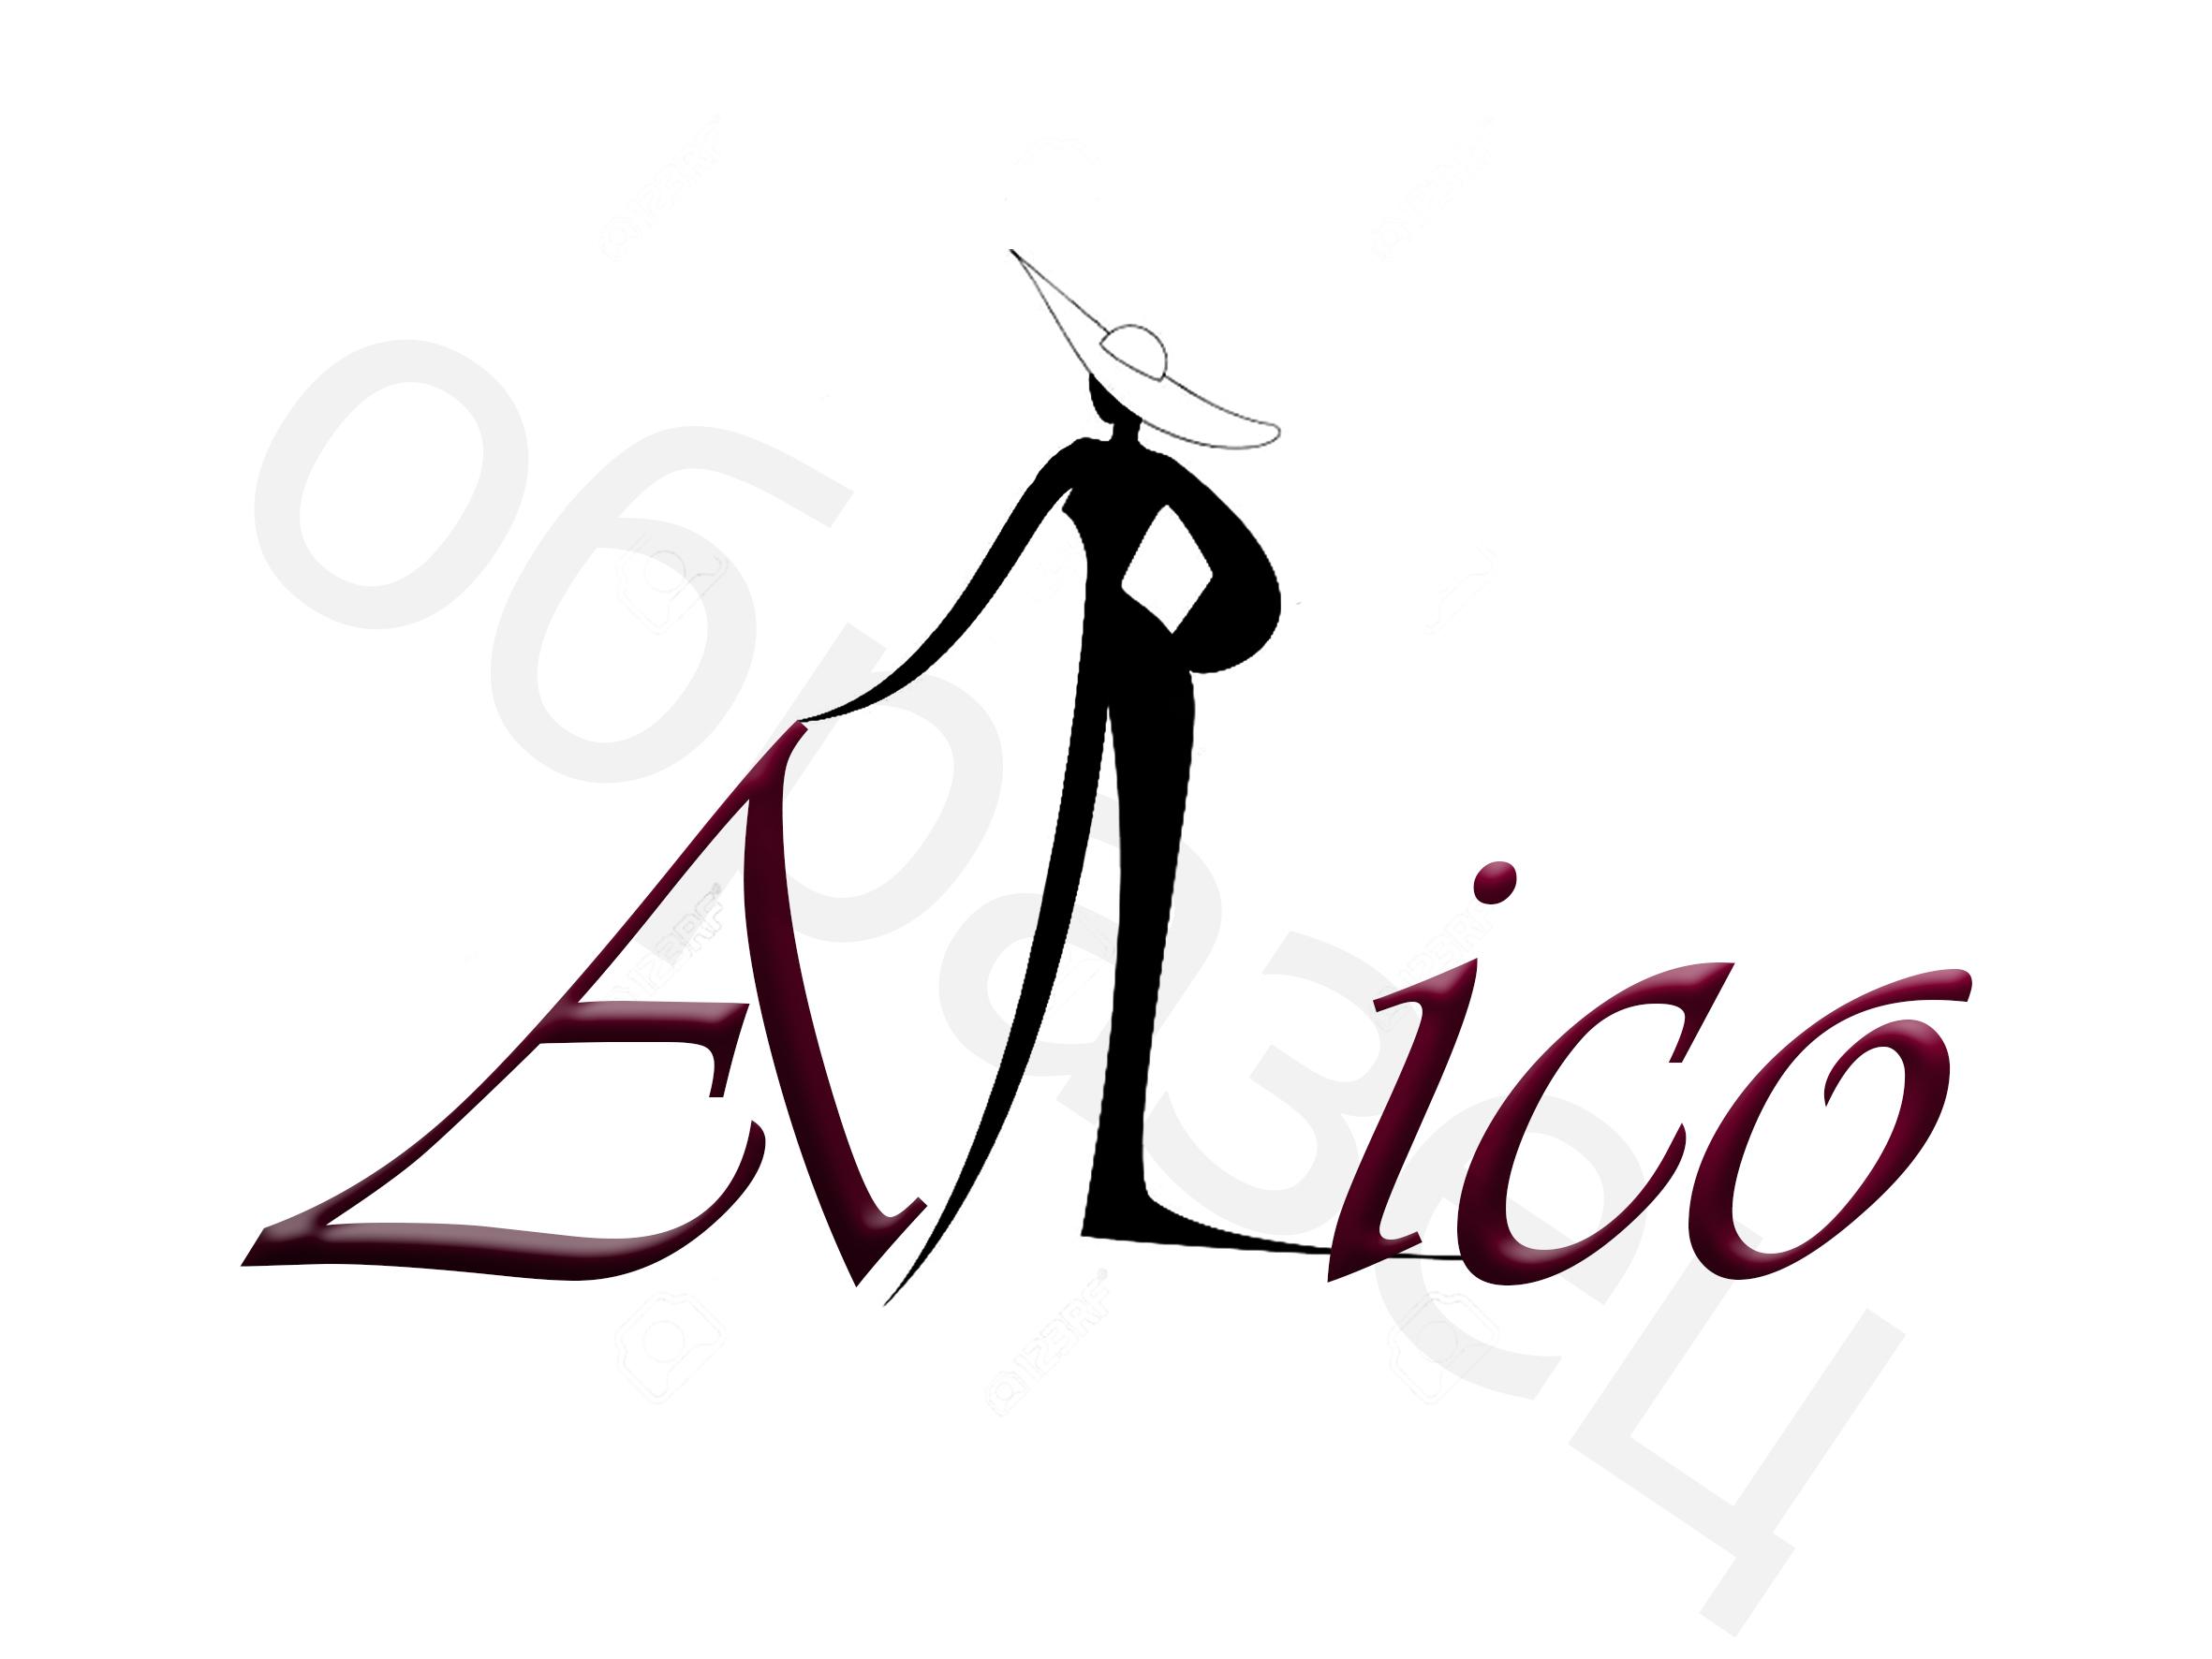 Логотип для брендовой пряжи и трикотажной одежды фото f_1065ffe9a8f17cd1.jpg